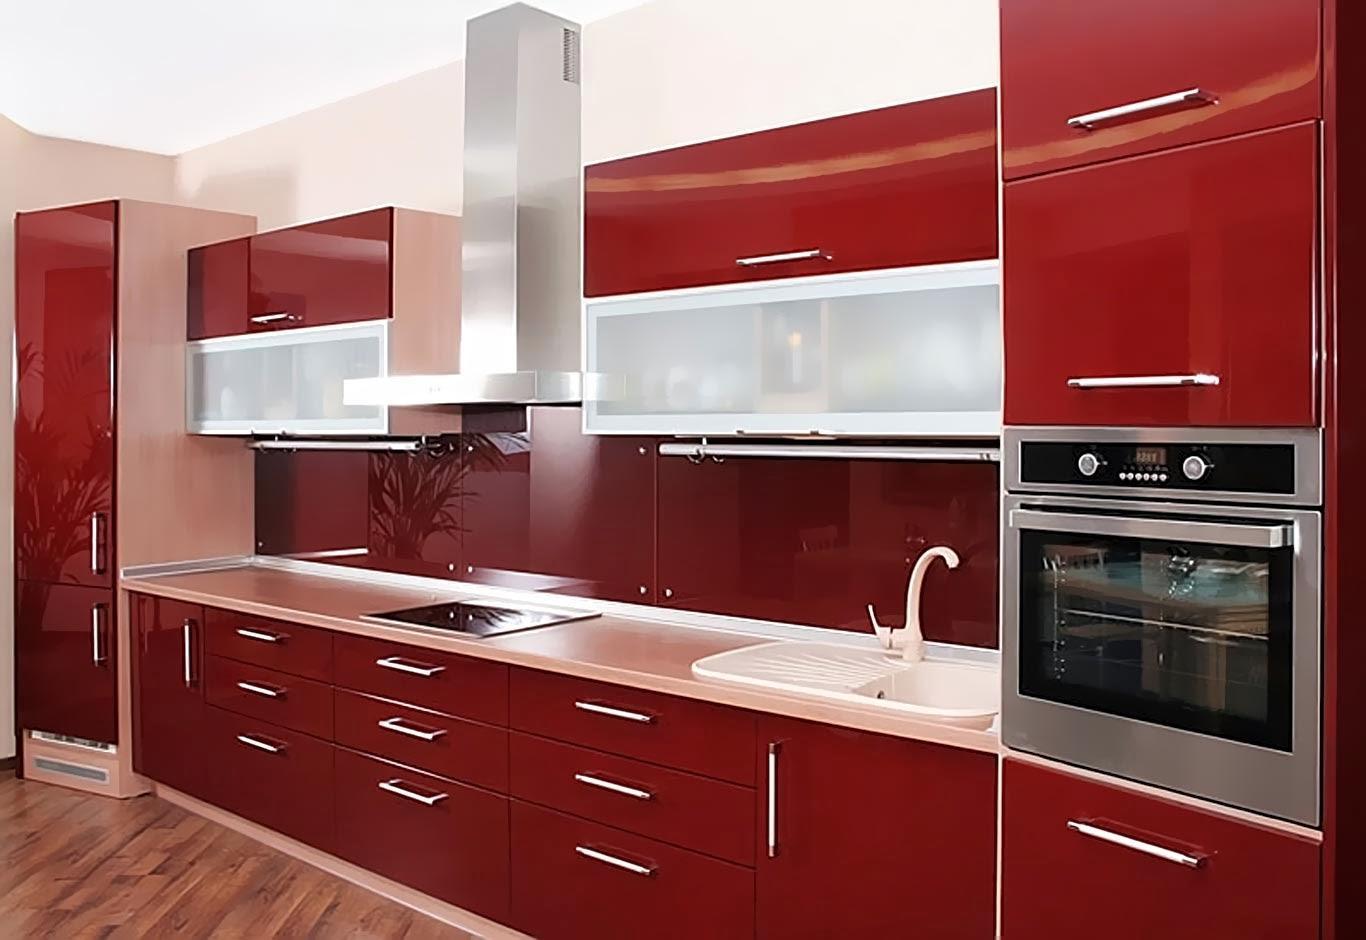 """Kệ Bếp Hwata sẽ """"biến hóa"""" khu bếp nhà bạn trở nên hiện đại hơn"""